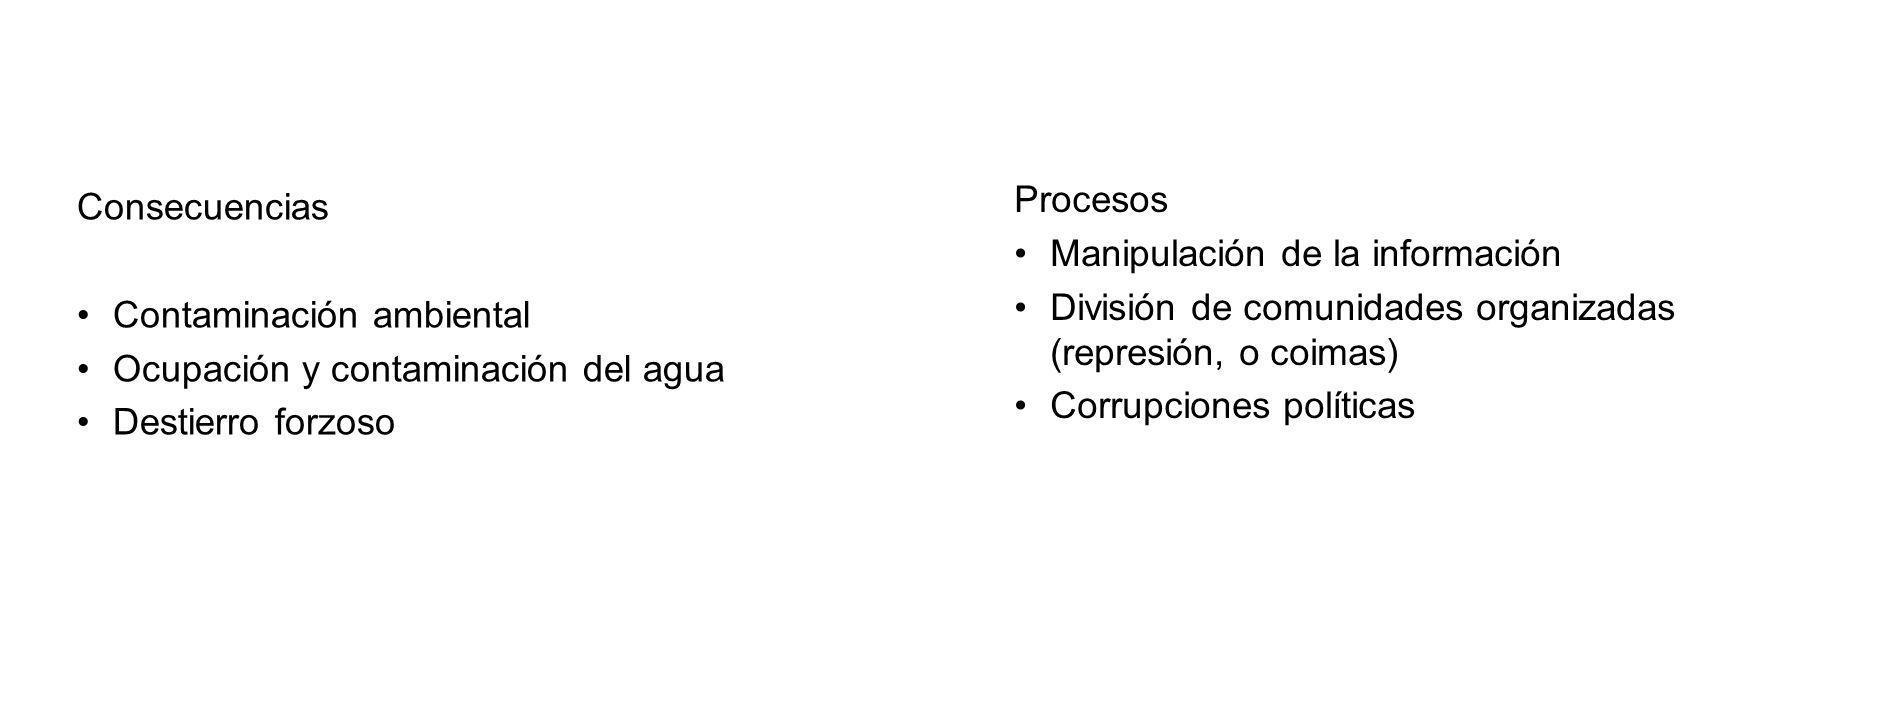 Consecuencias Contaminación ambiental Ocupación y contaminación del agua Destierro forzoso Procesos Manipulación de la información División de comunidades organizadas (represión, o coimas) Corrupciones políticas